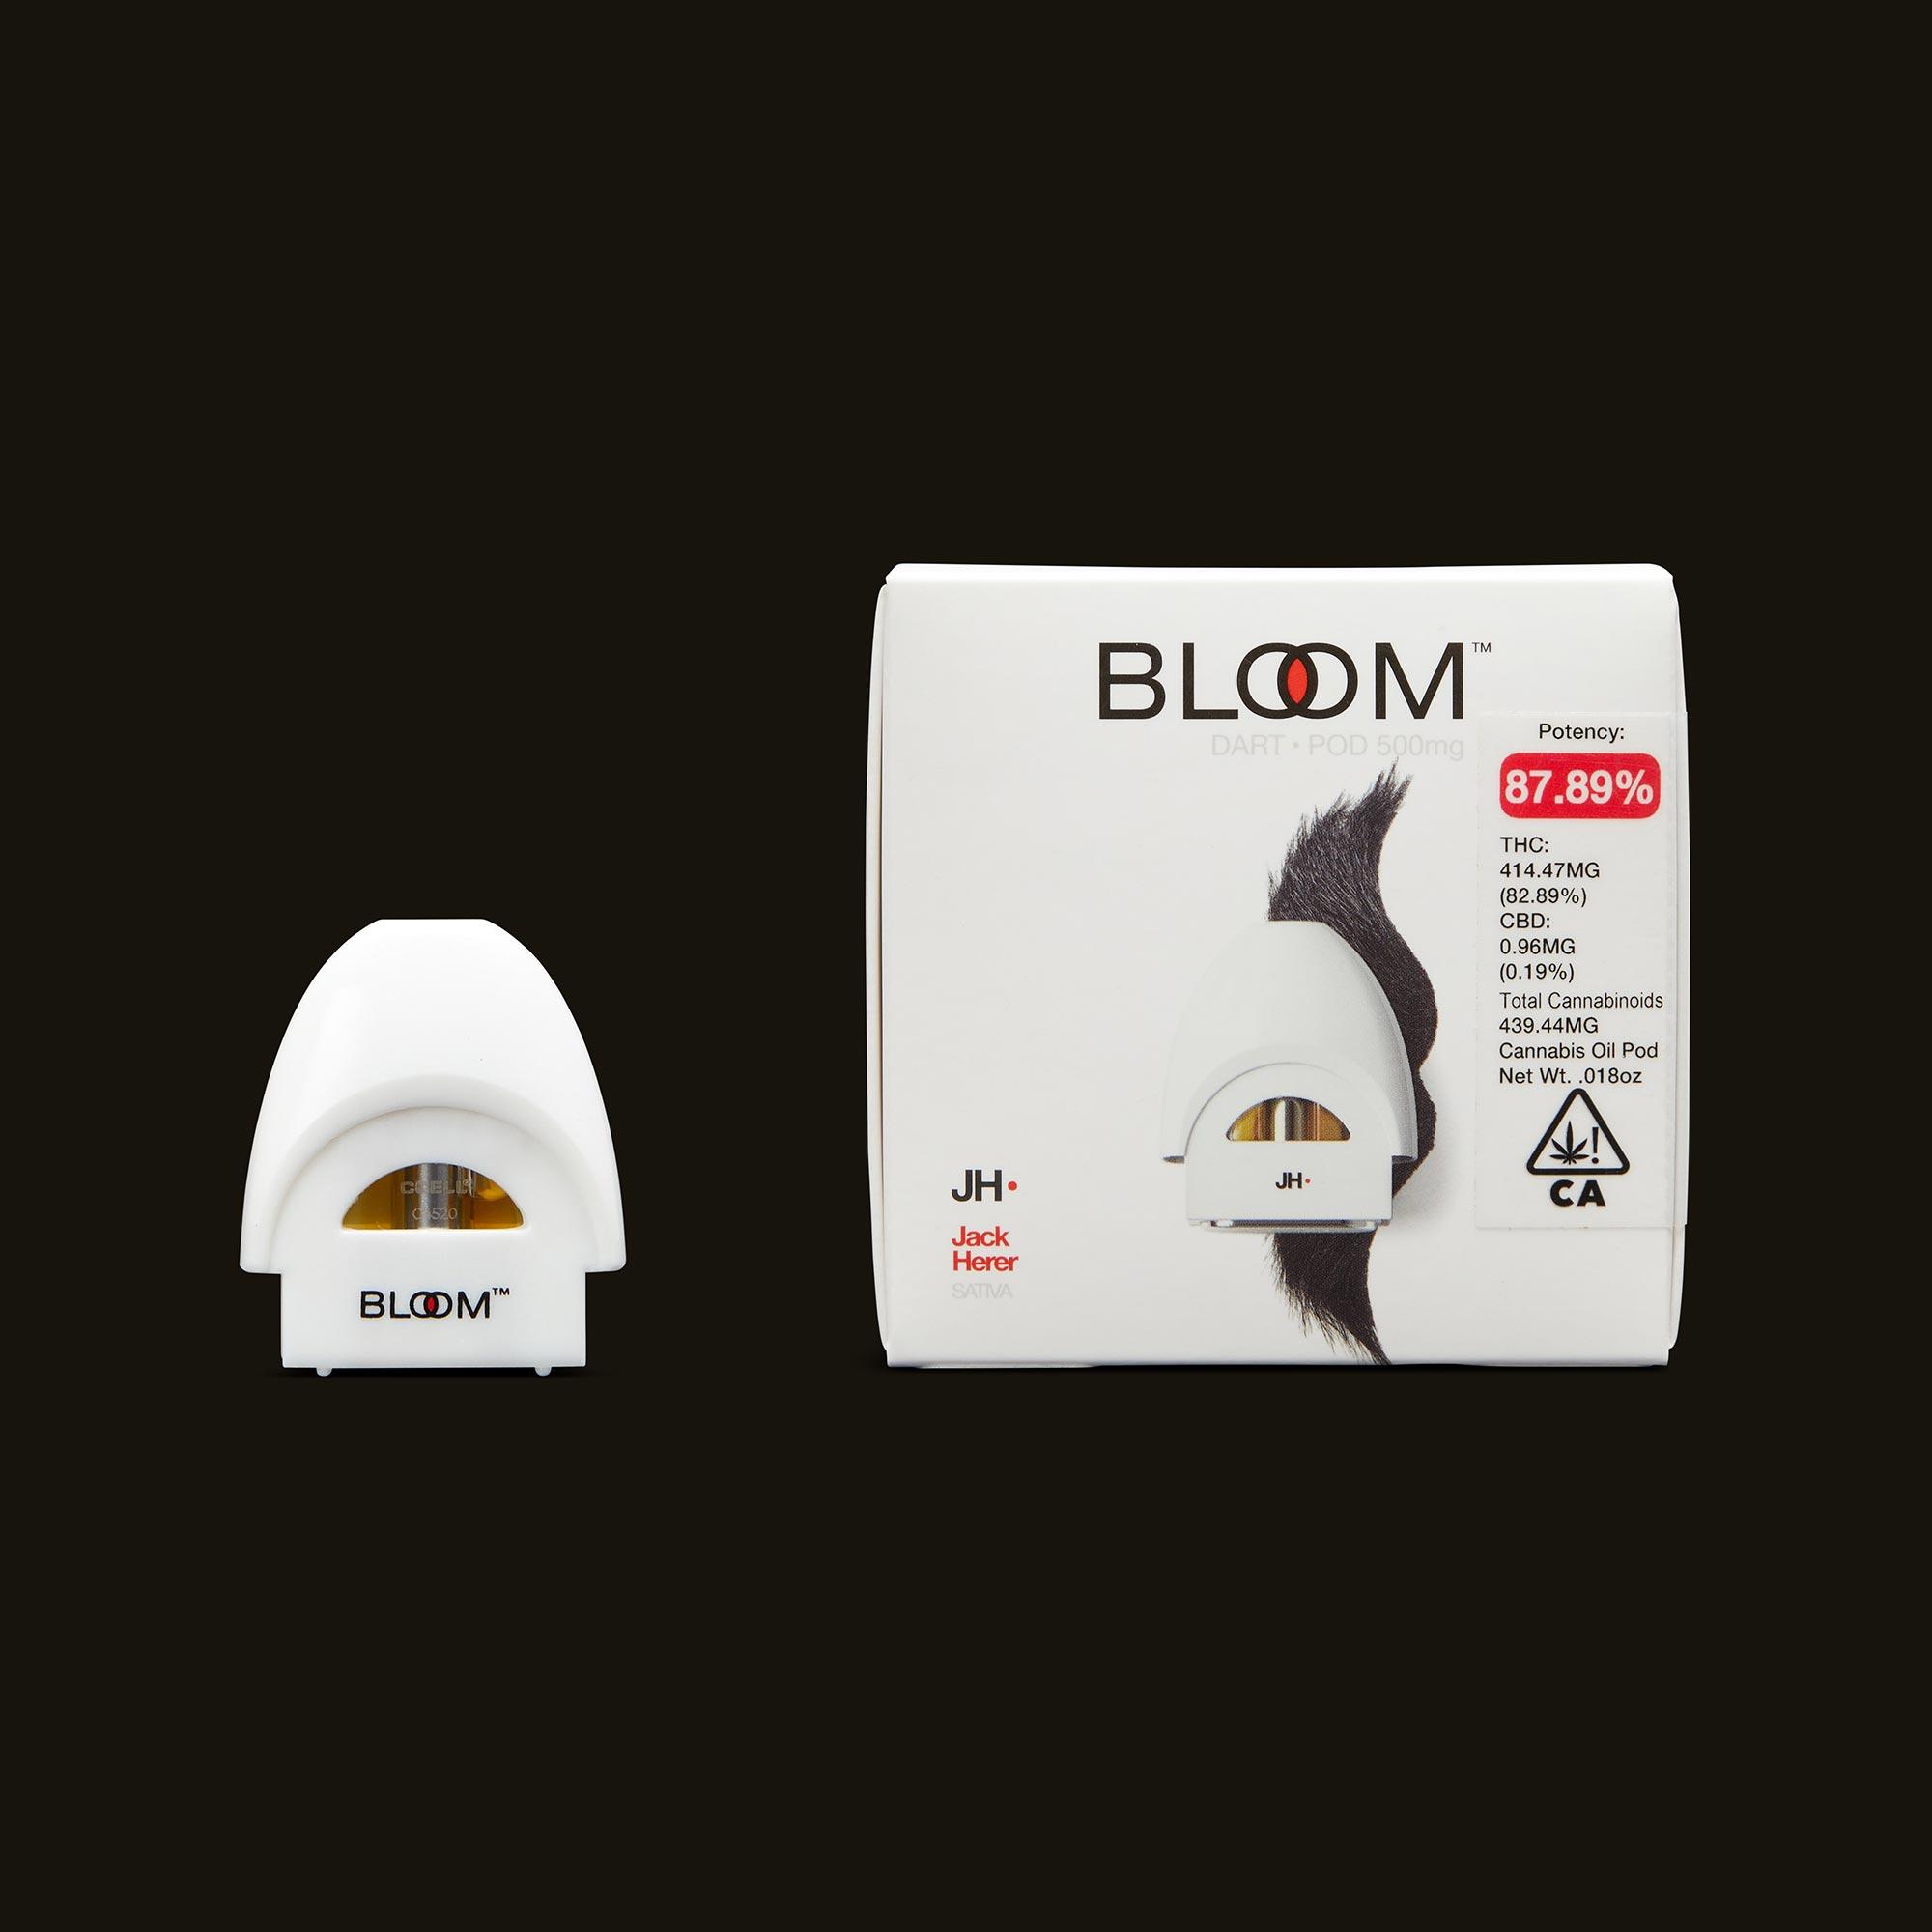 Jack Herer Dart Pod by Bloom Brands